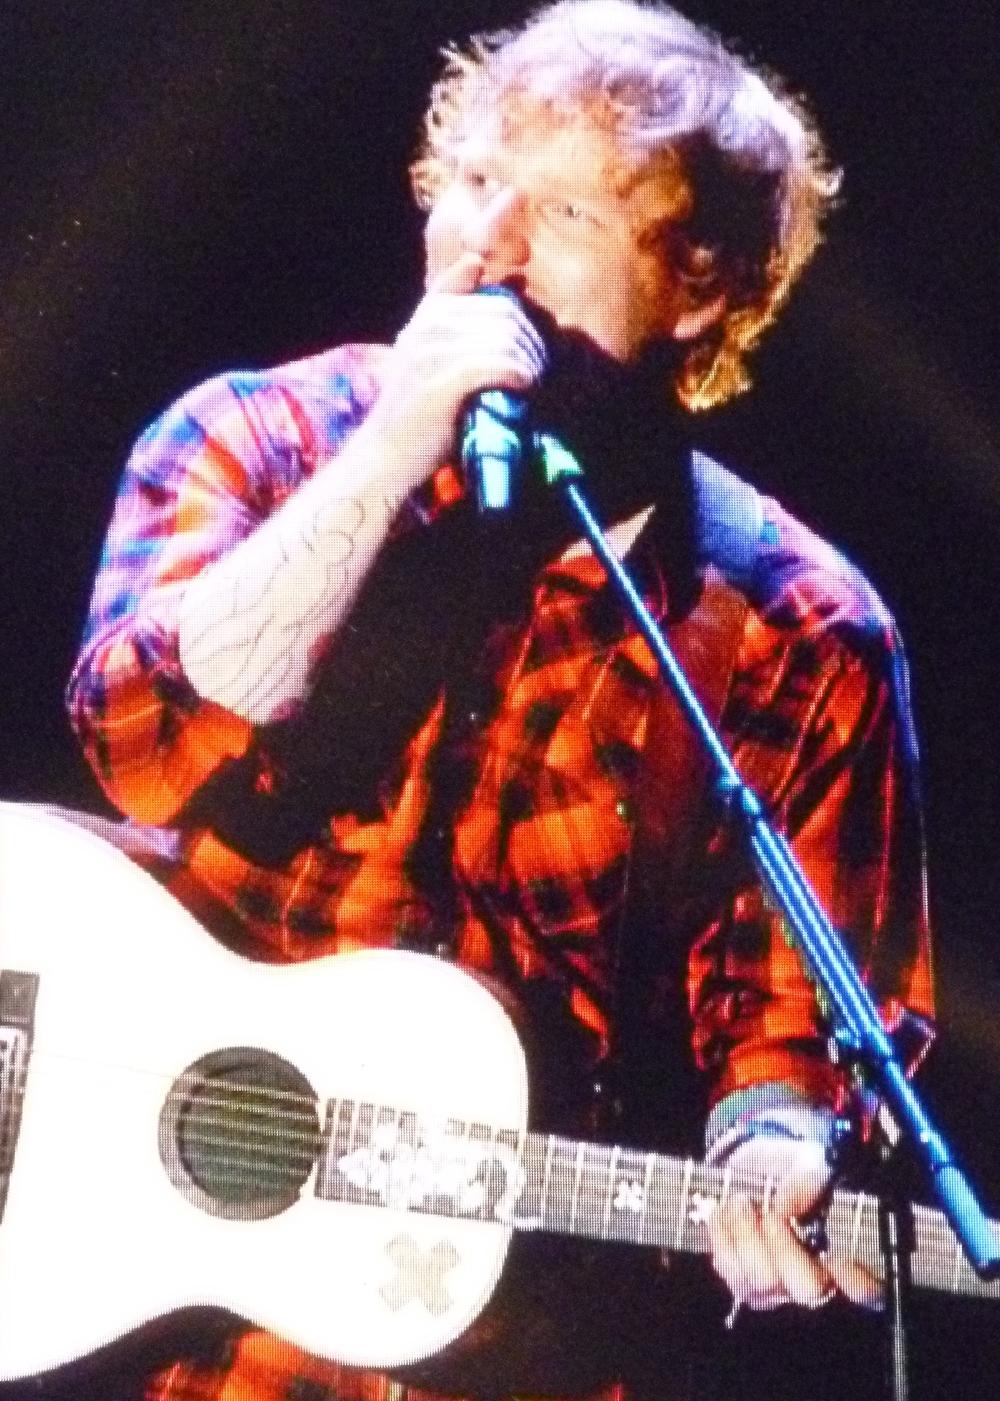 Ed Sheeran at Gillette